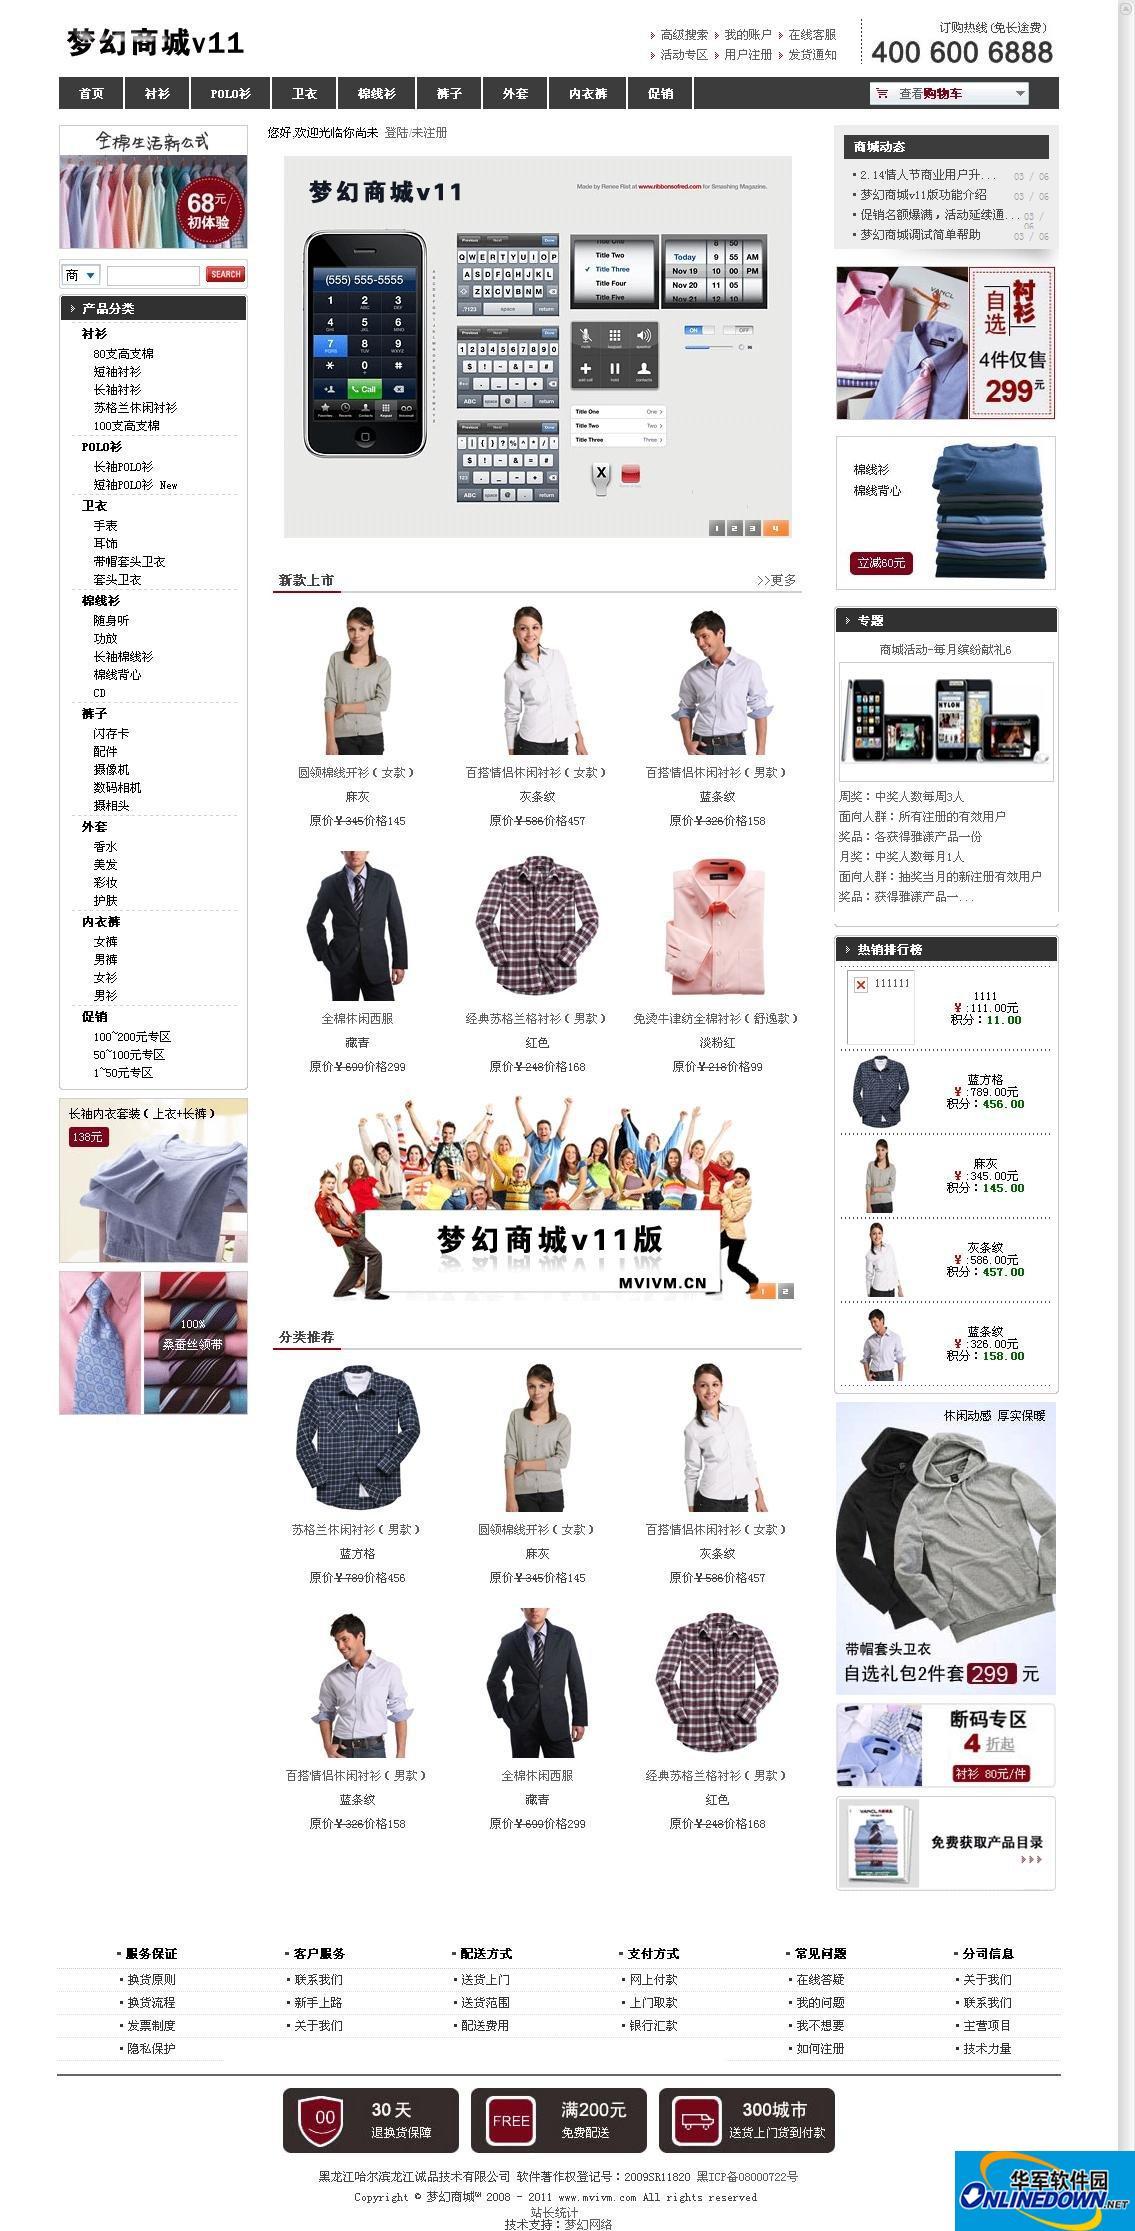 服装综合类全功能完整版购物系统